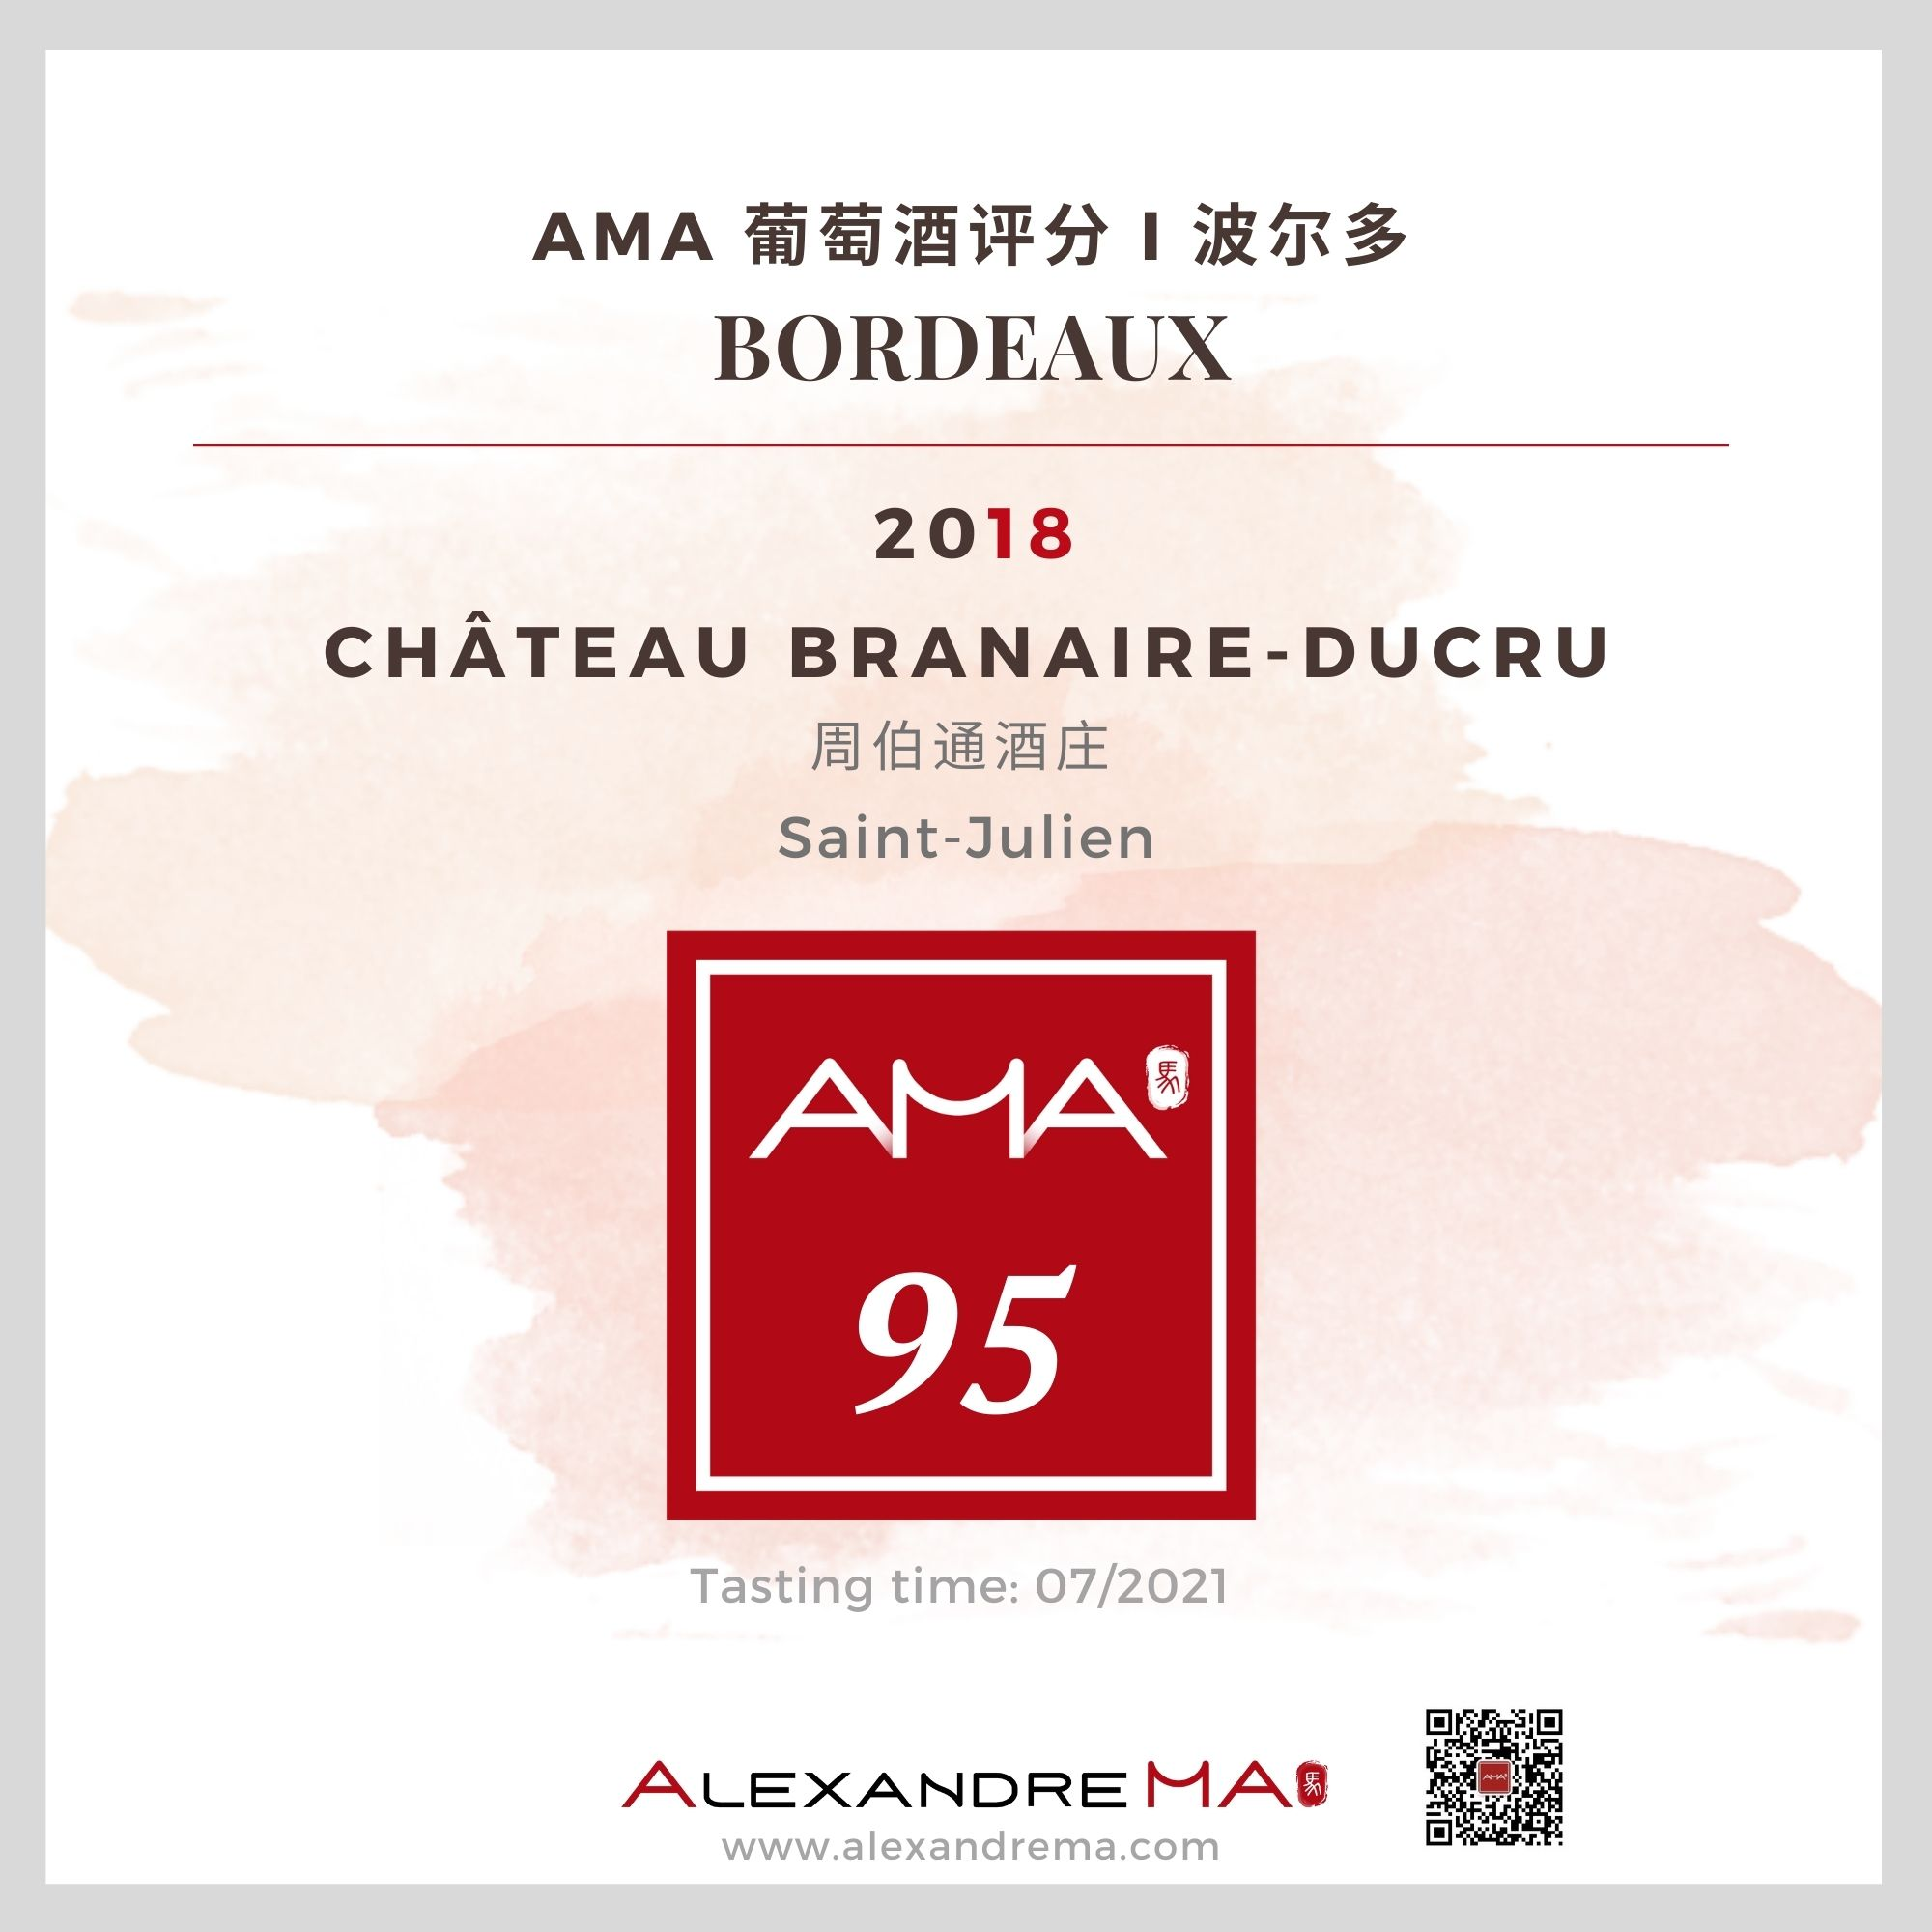 Château Branaire-Ducru 2018 - Alexandre MA